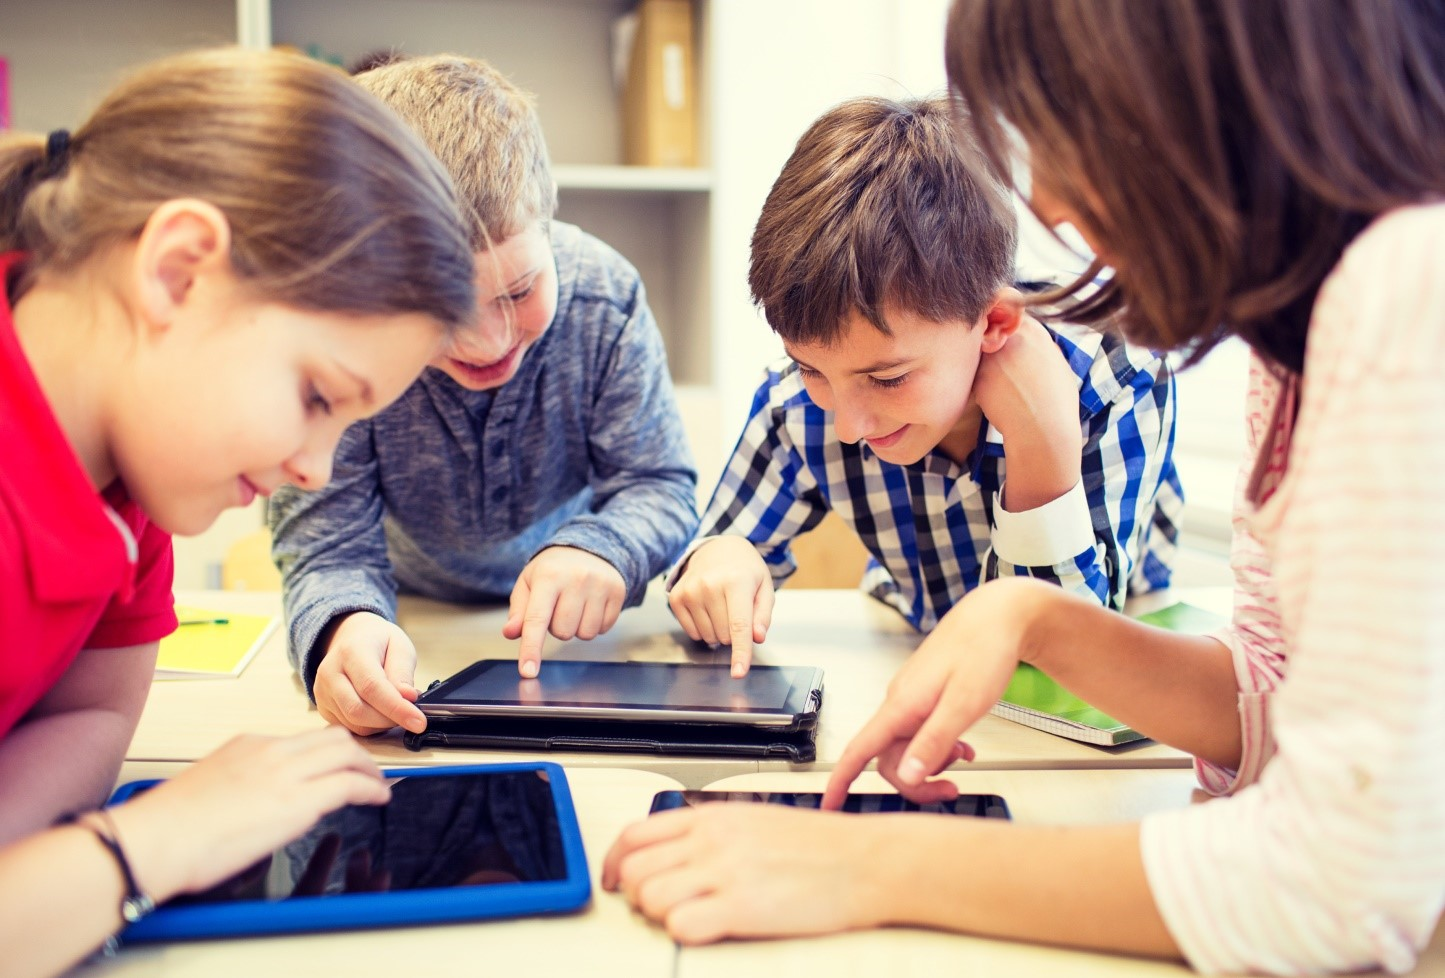 Минпросвещения разработает нормативы для использования гаджетов школьниками